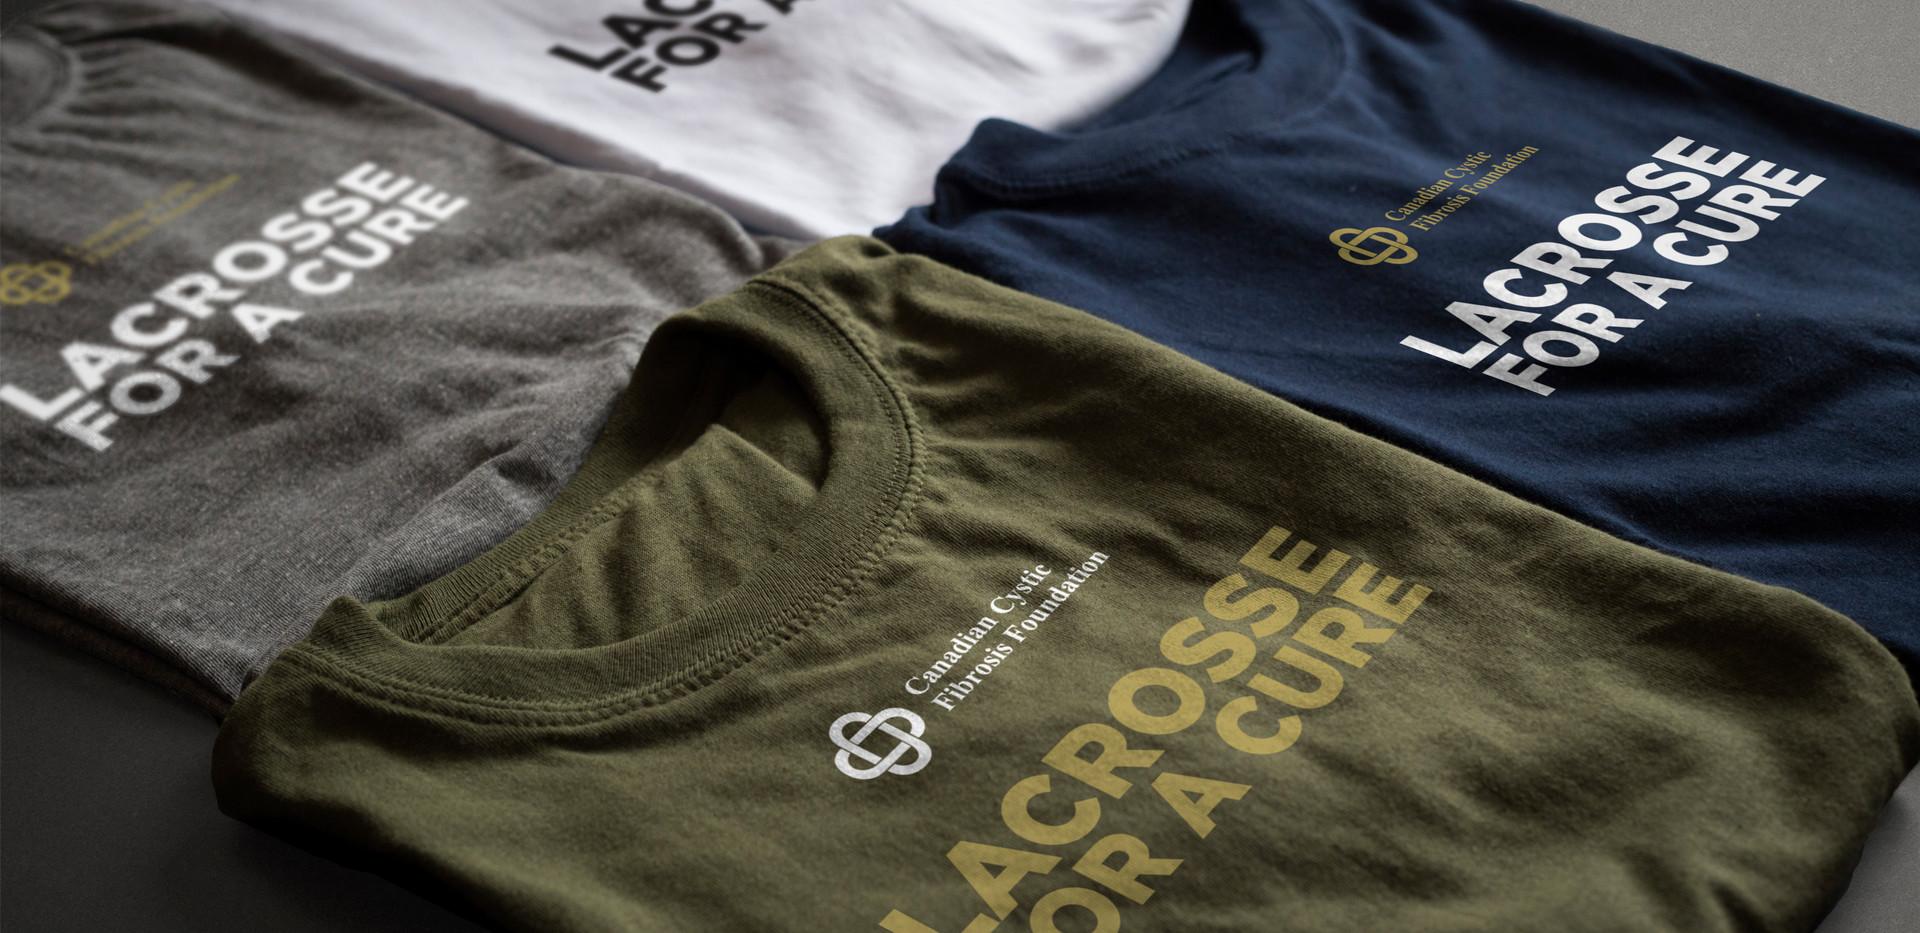 OurWork-TShirts-Lacrosse-Full.jpg